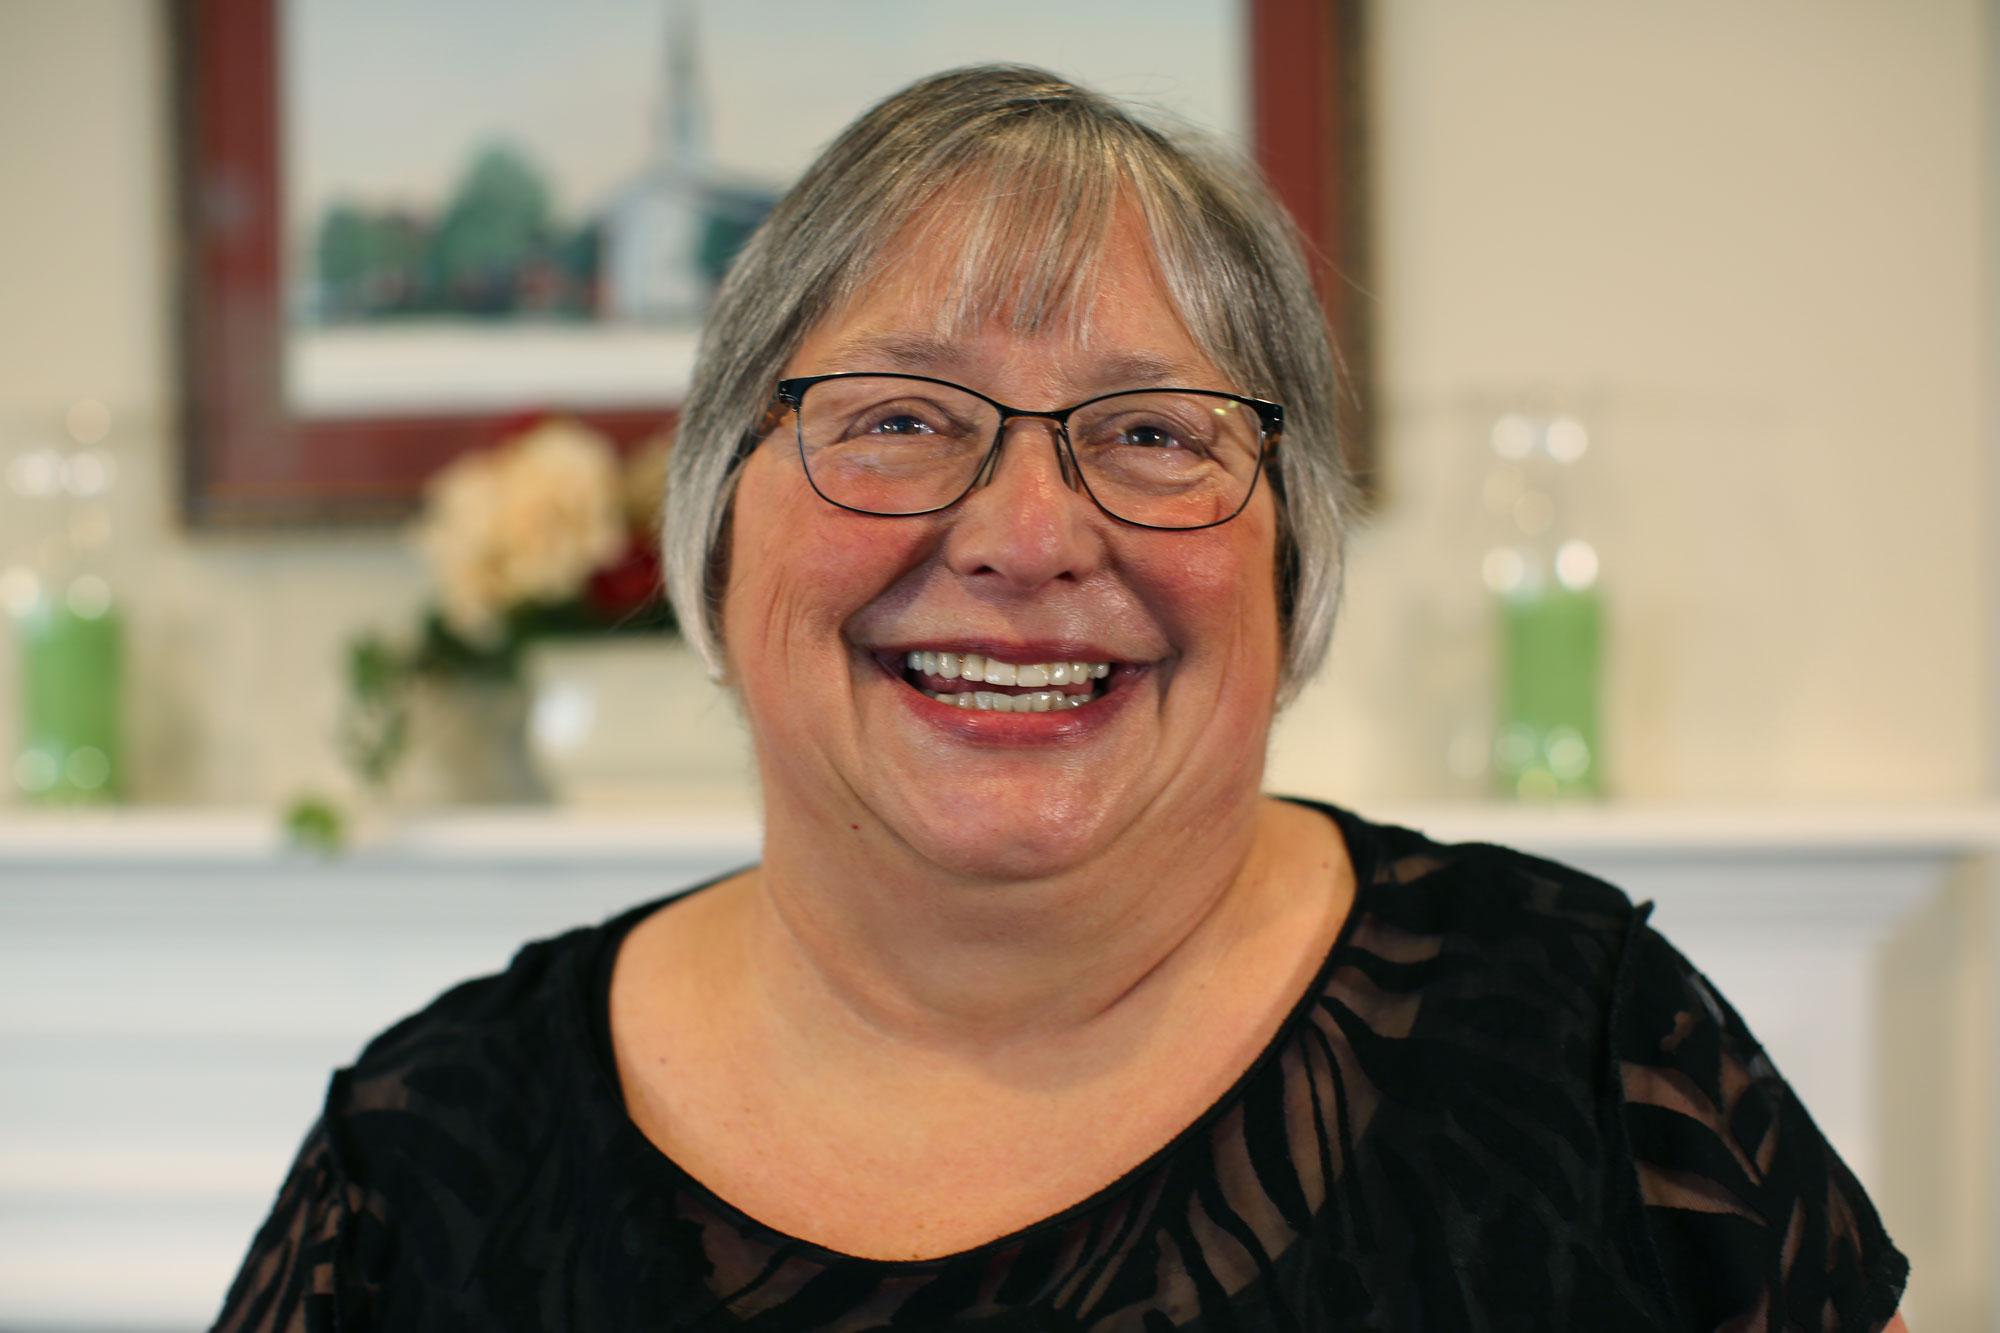 Judy Hockenberry